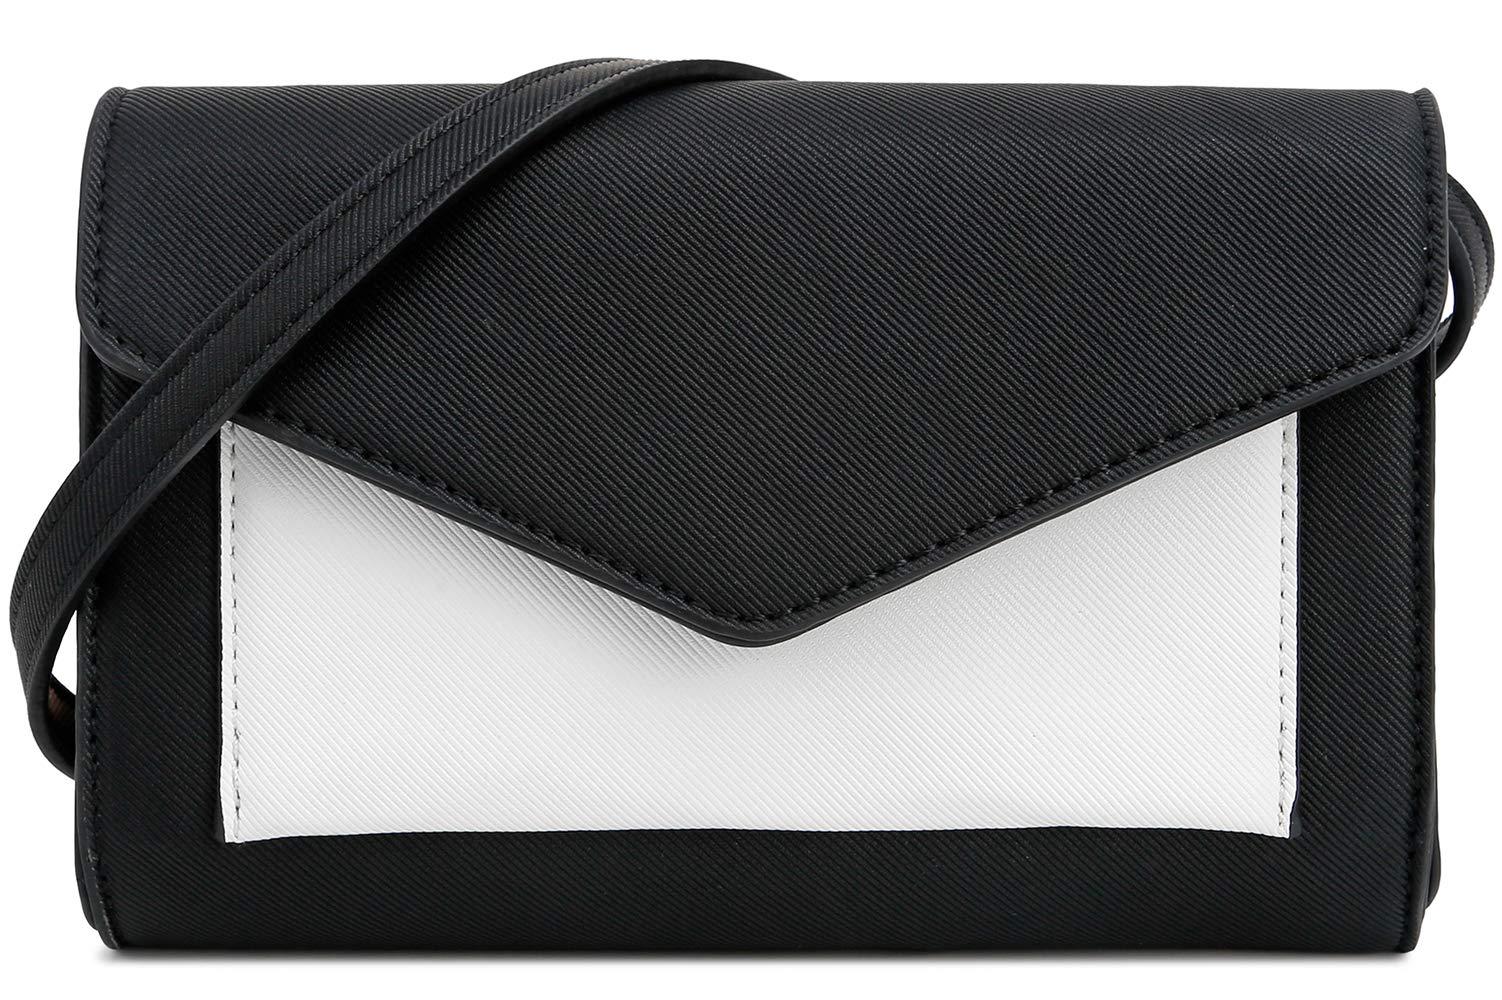 DELUXITY Women's Envelope Clutch Crossbody Wallet (Black/White)